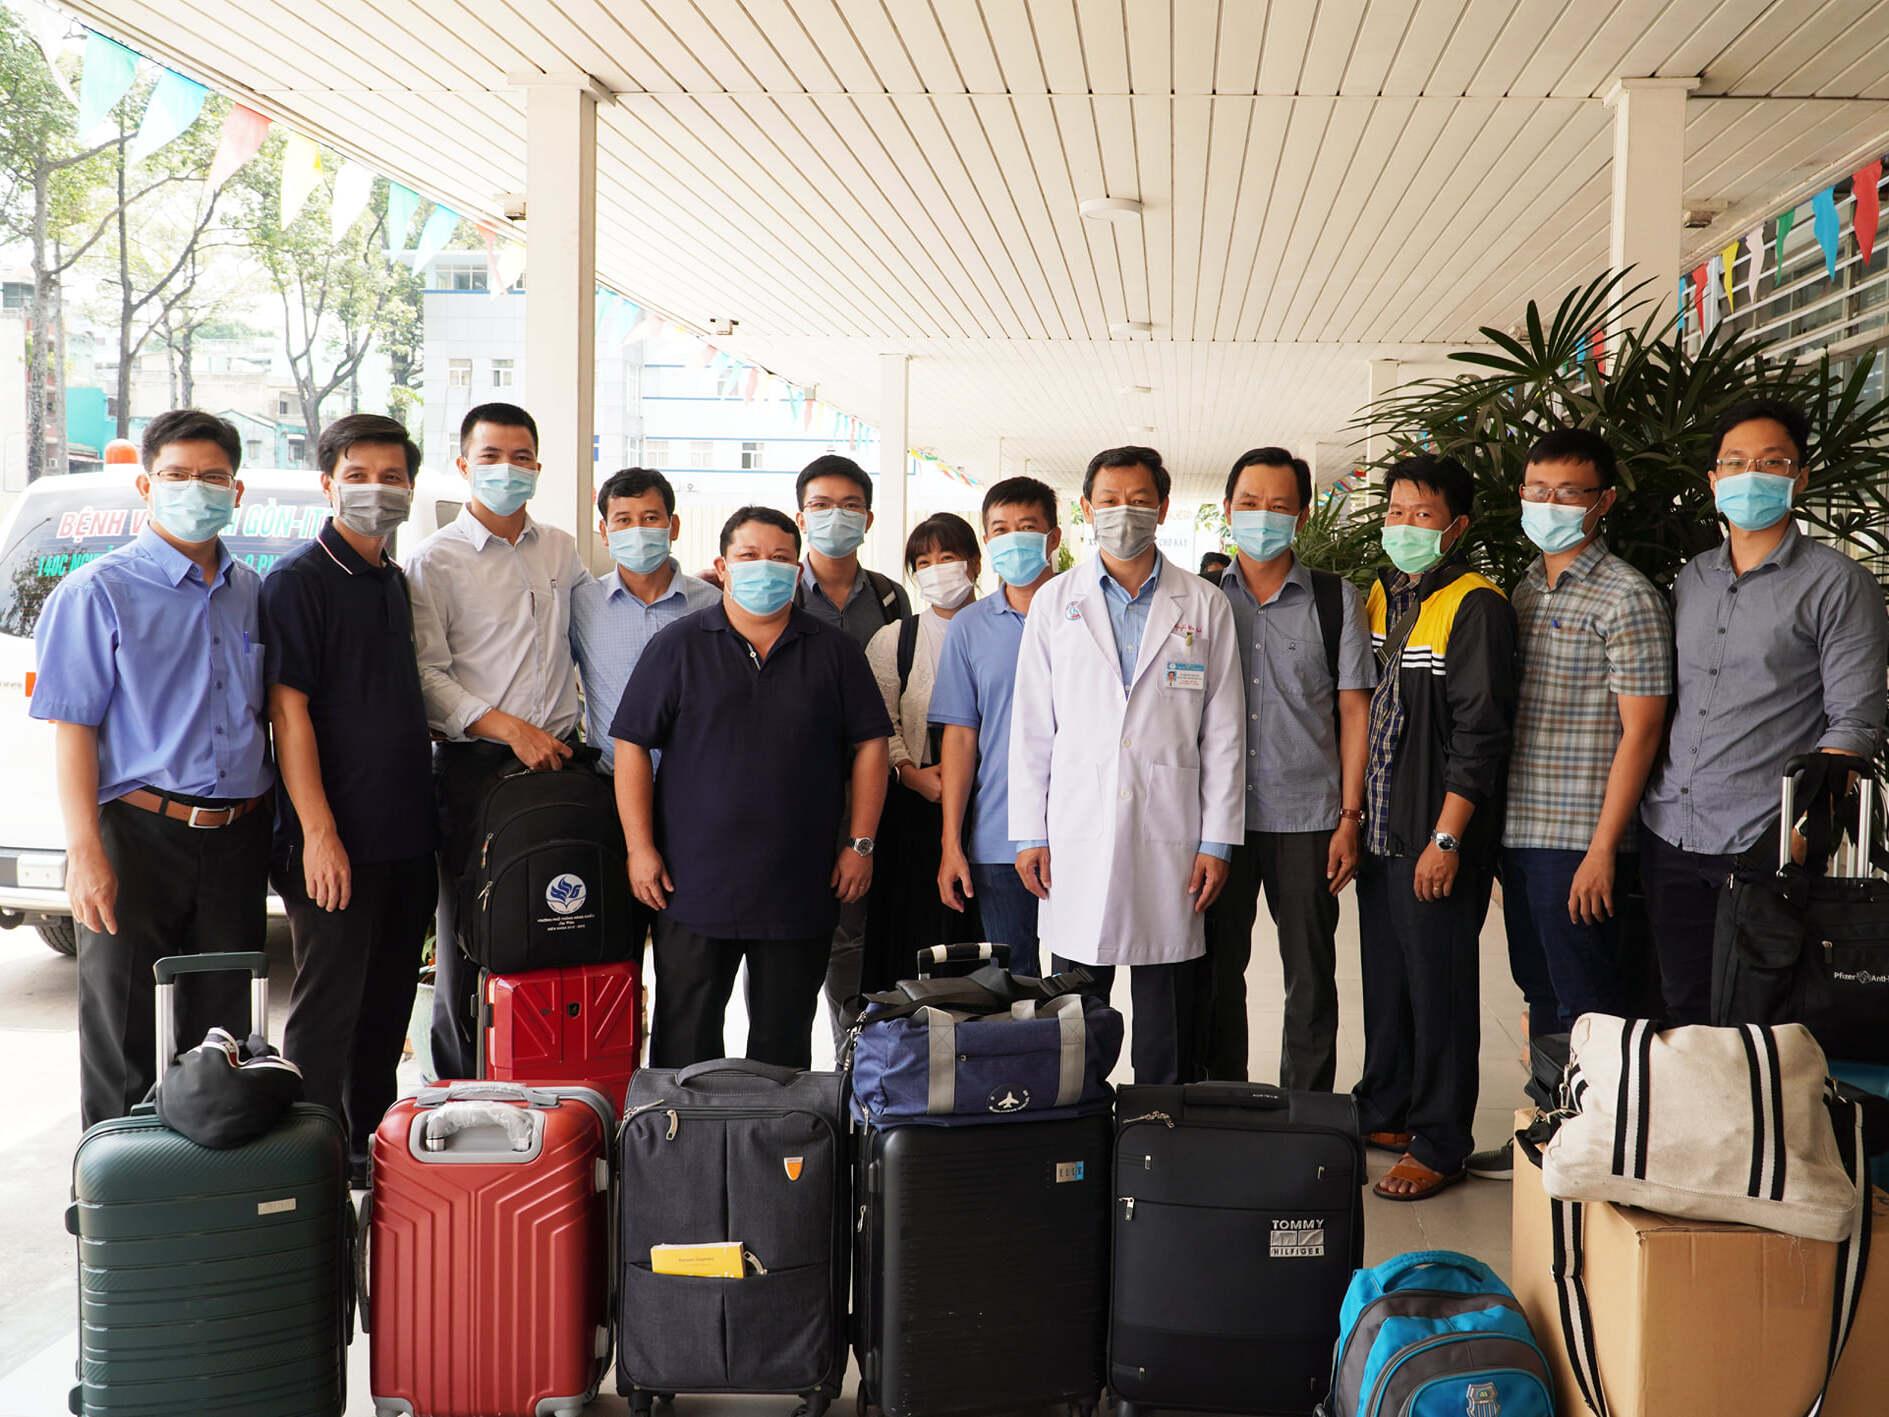 Bác sĩ Bệnh viện Chợ Rẫy đến Kiên Giang, tăng cường lá chắn chống dịch Covid-19